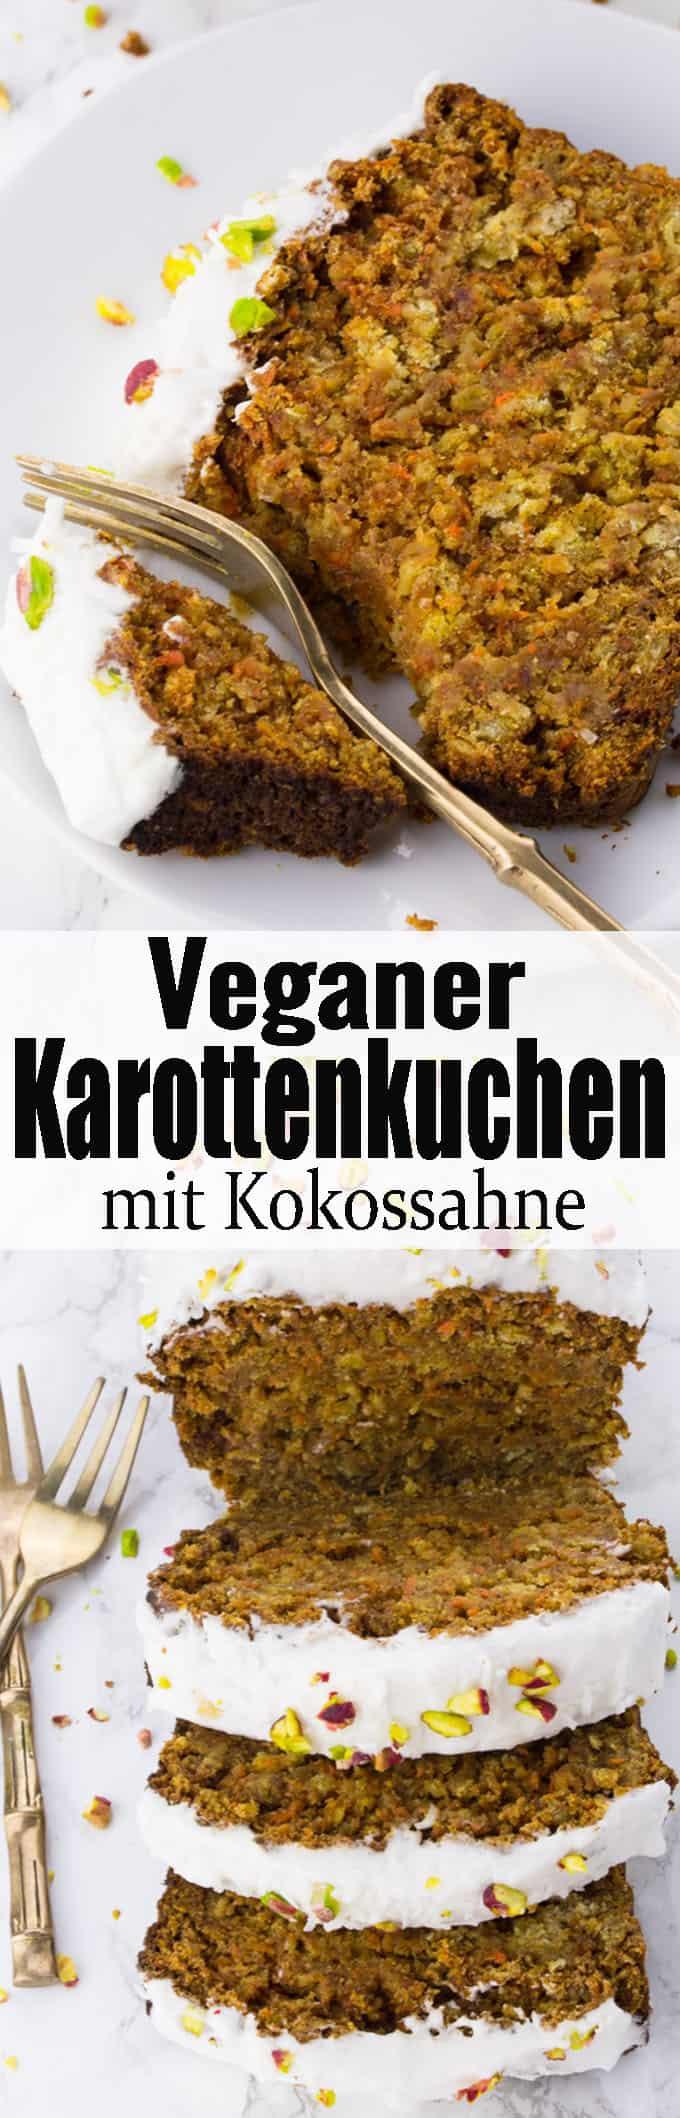 Veganer Karottenkuchen ist eines meiner liebsten Kuchenrezepte! Super lecker, saftig und perfekt für den Frühling! Vegan Backen kann so einfach sein! Mehr vegane Kuchenrezepte und allgemein vegane Rezepte auf veganheaven.de!